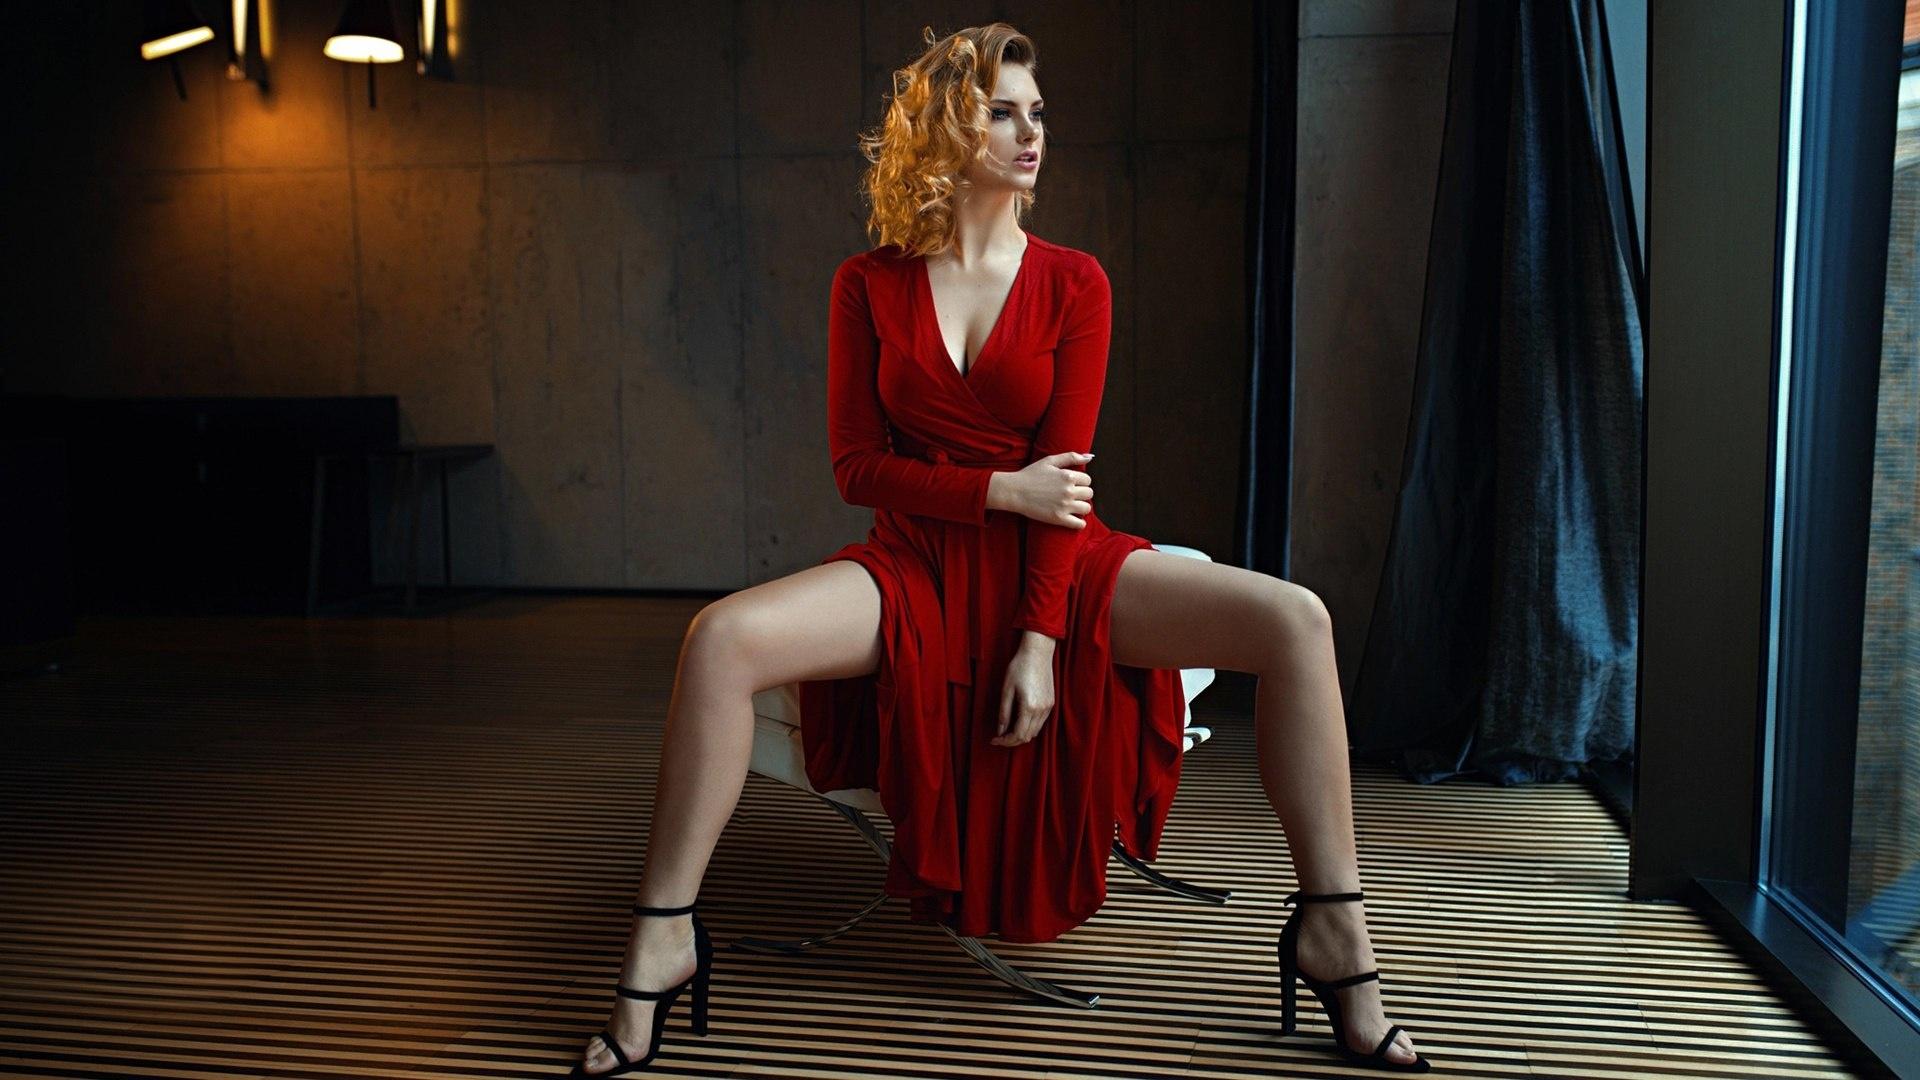 Девушка в одежде раздвигает ноги